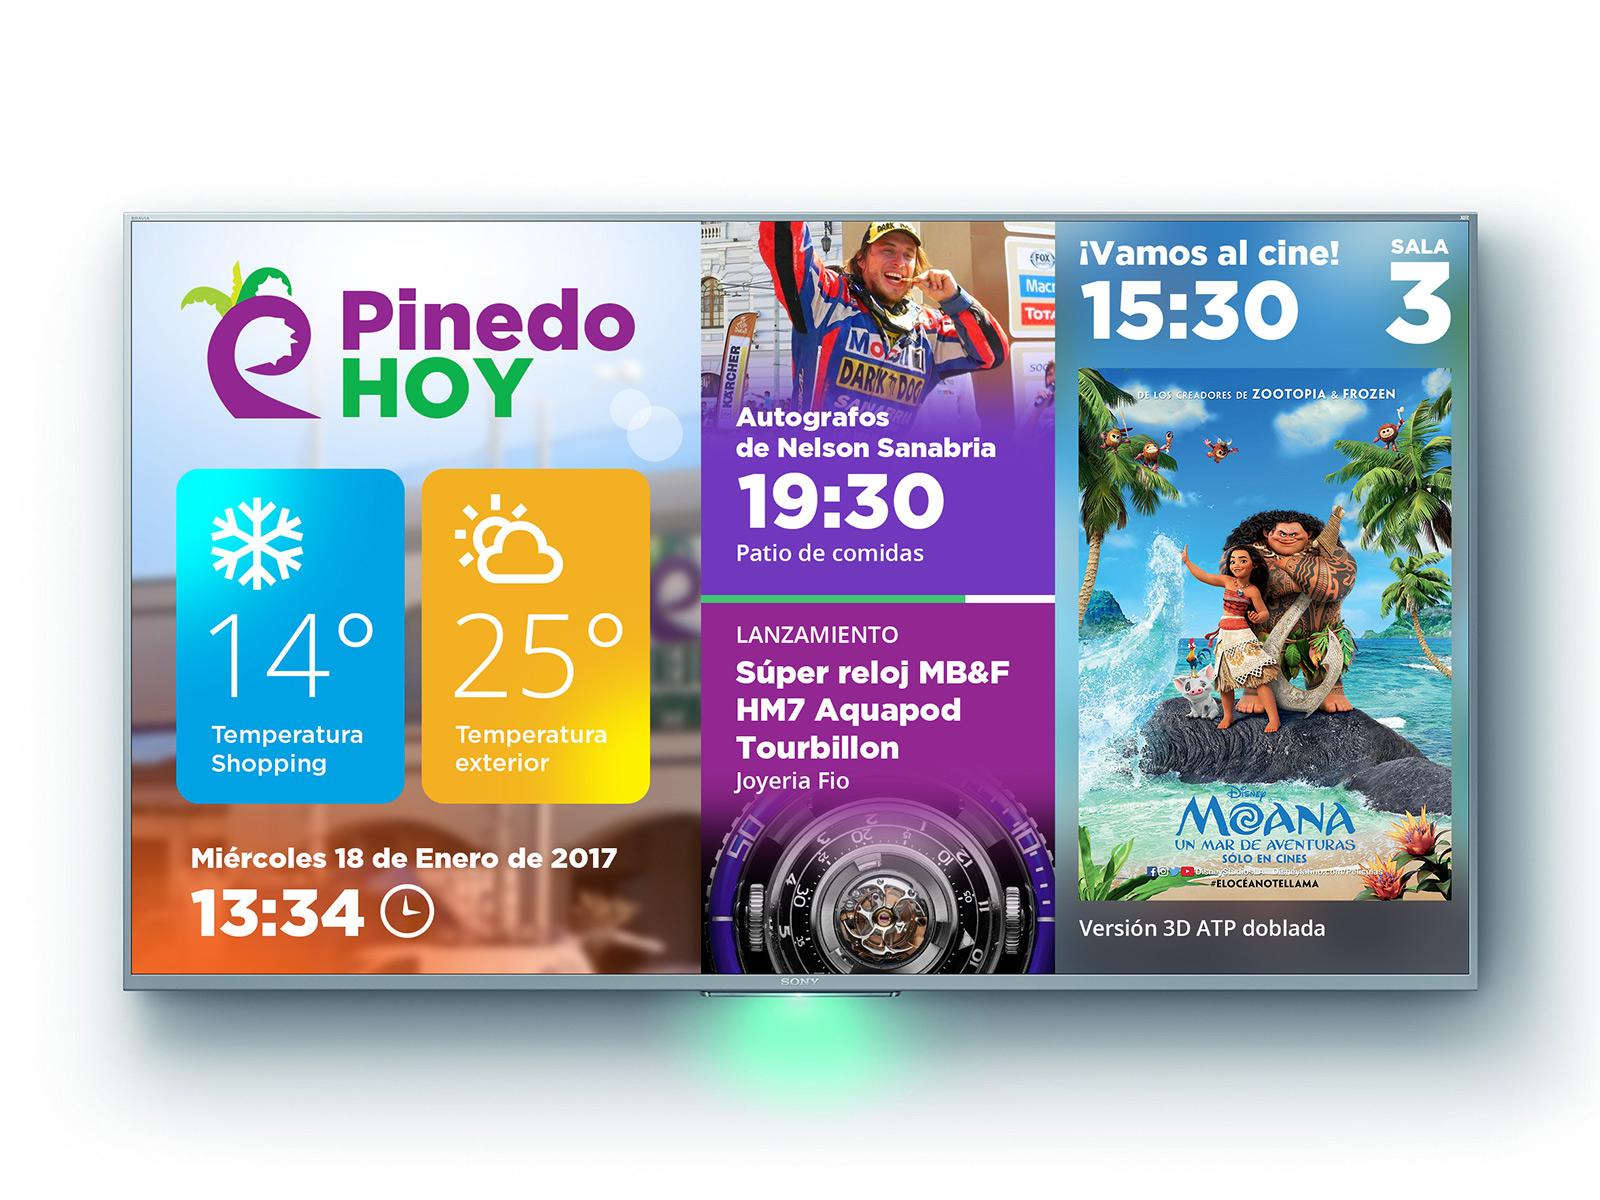 Pinedo digital signage 4x